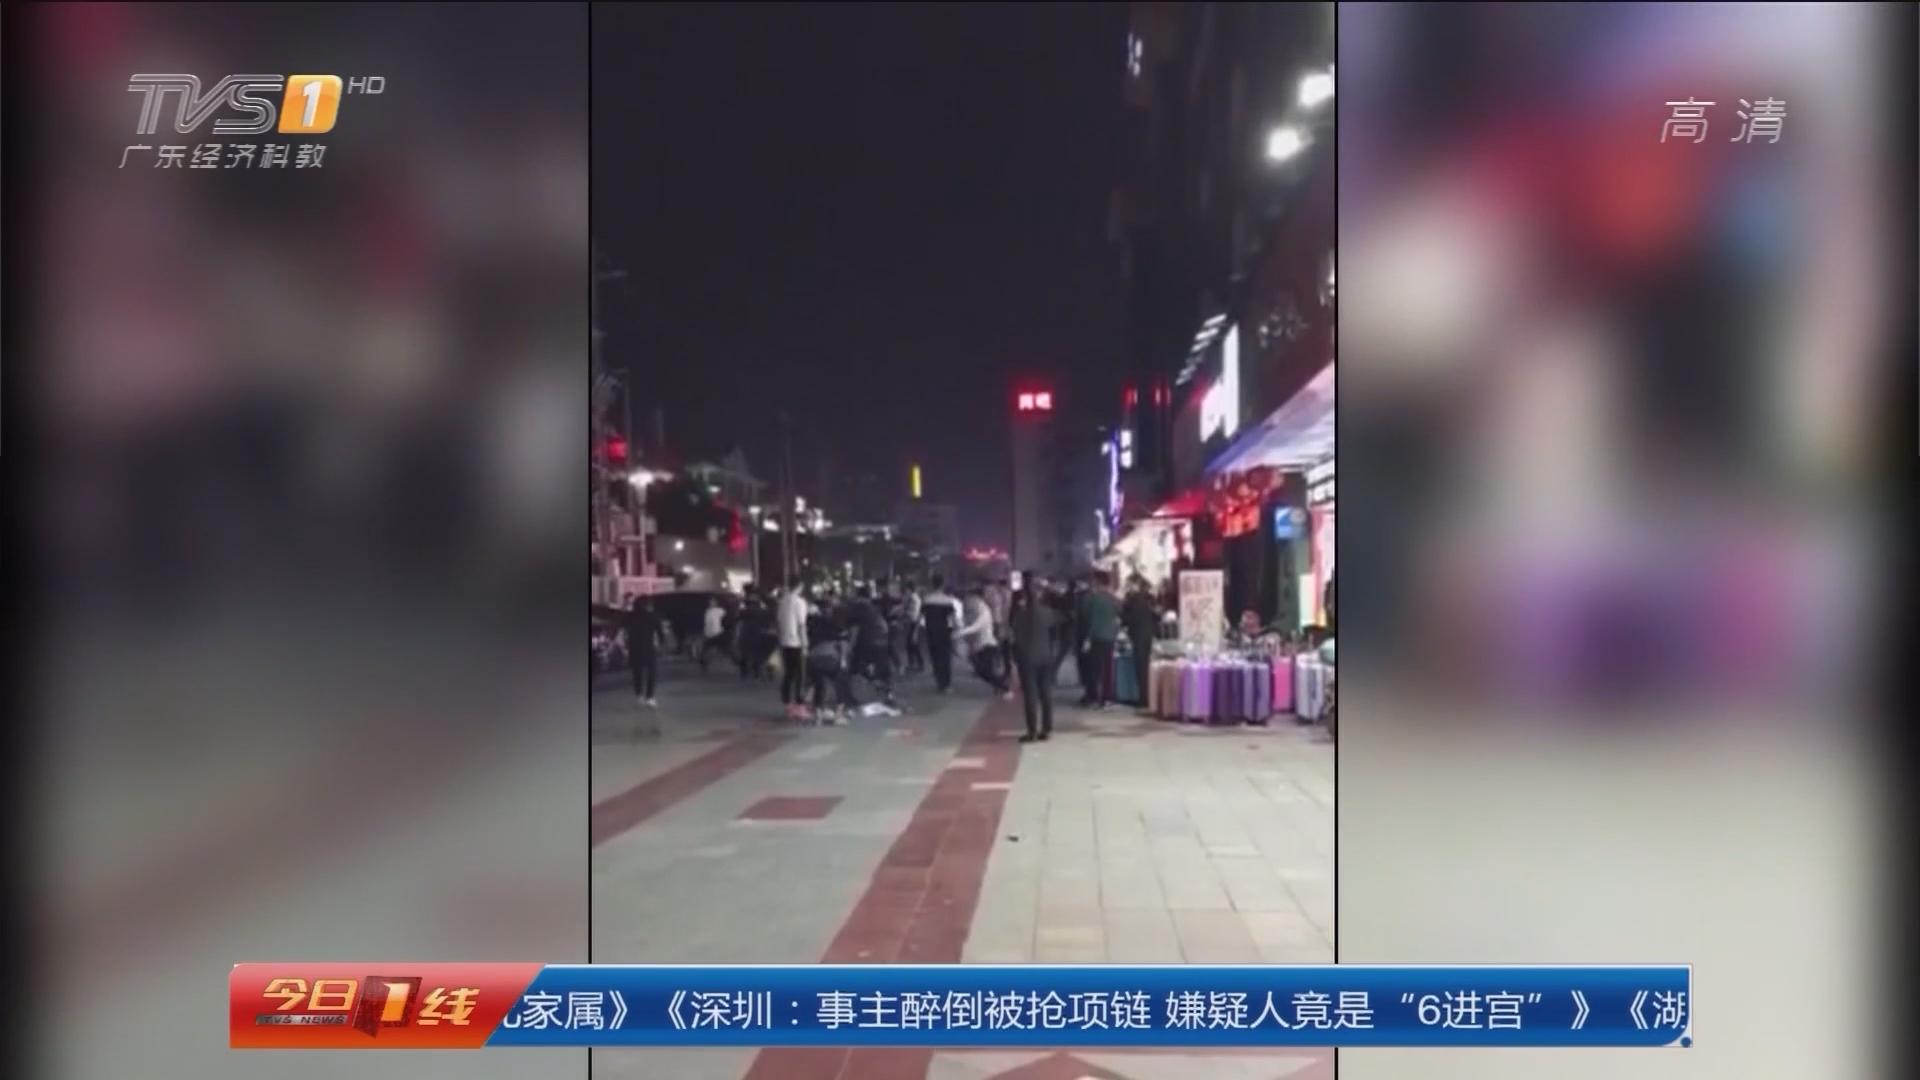 惠州仲恺高新区:小口角变街头打斗 警方介入调查